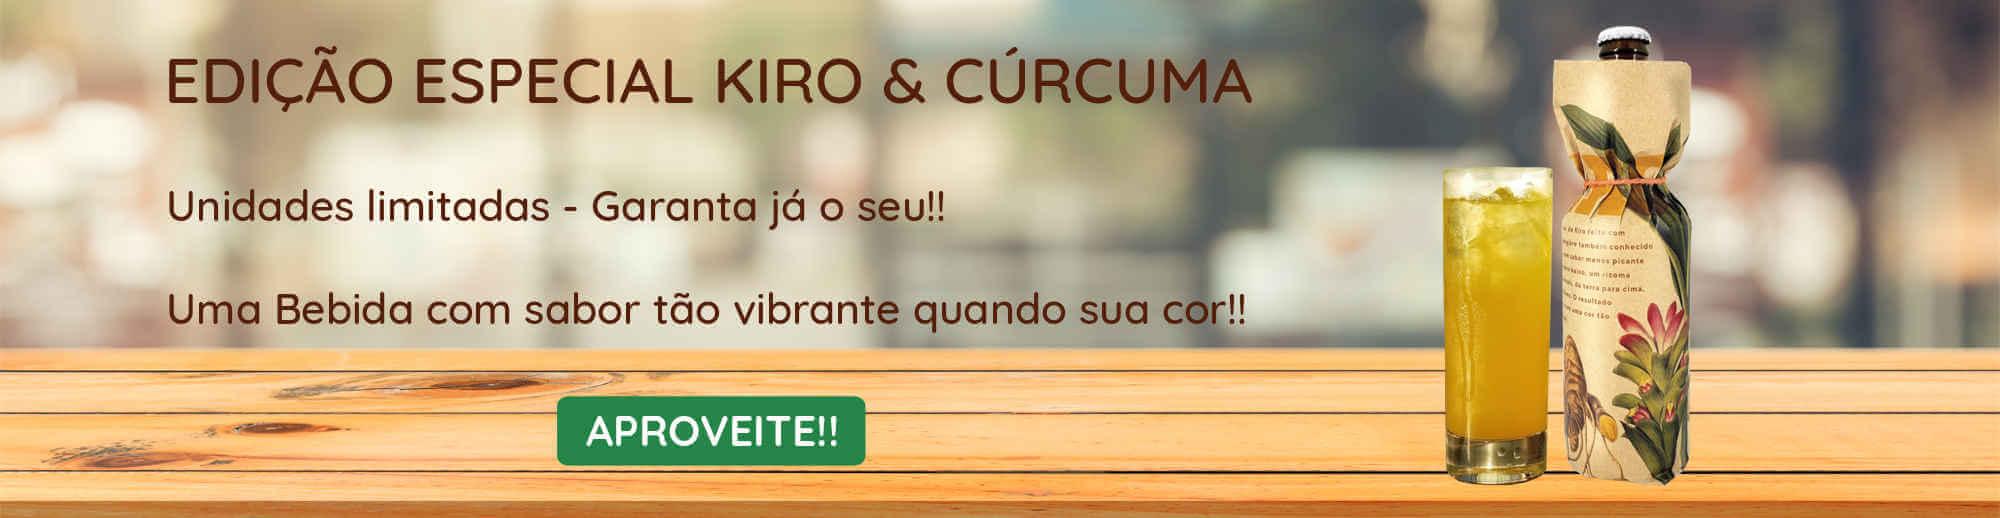 Kiro & Cúrcuma